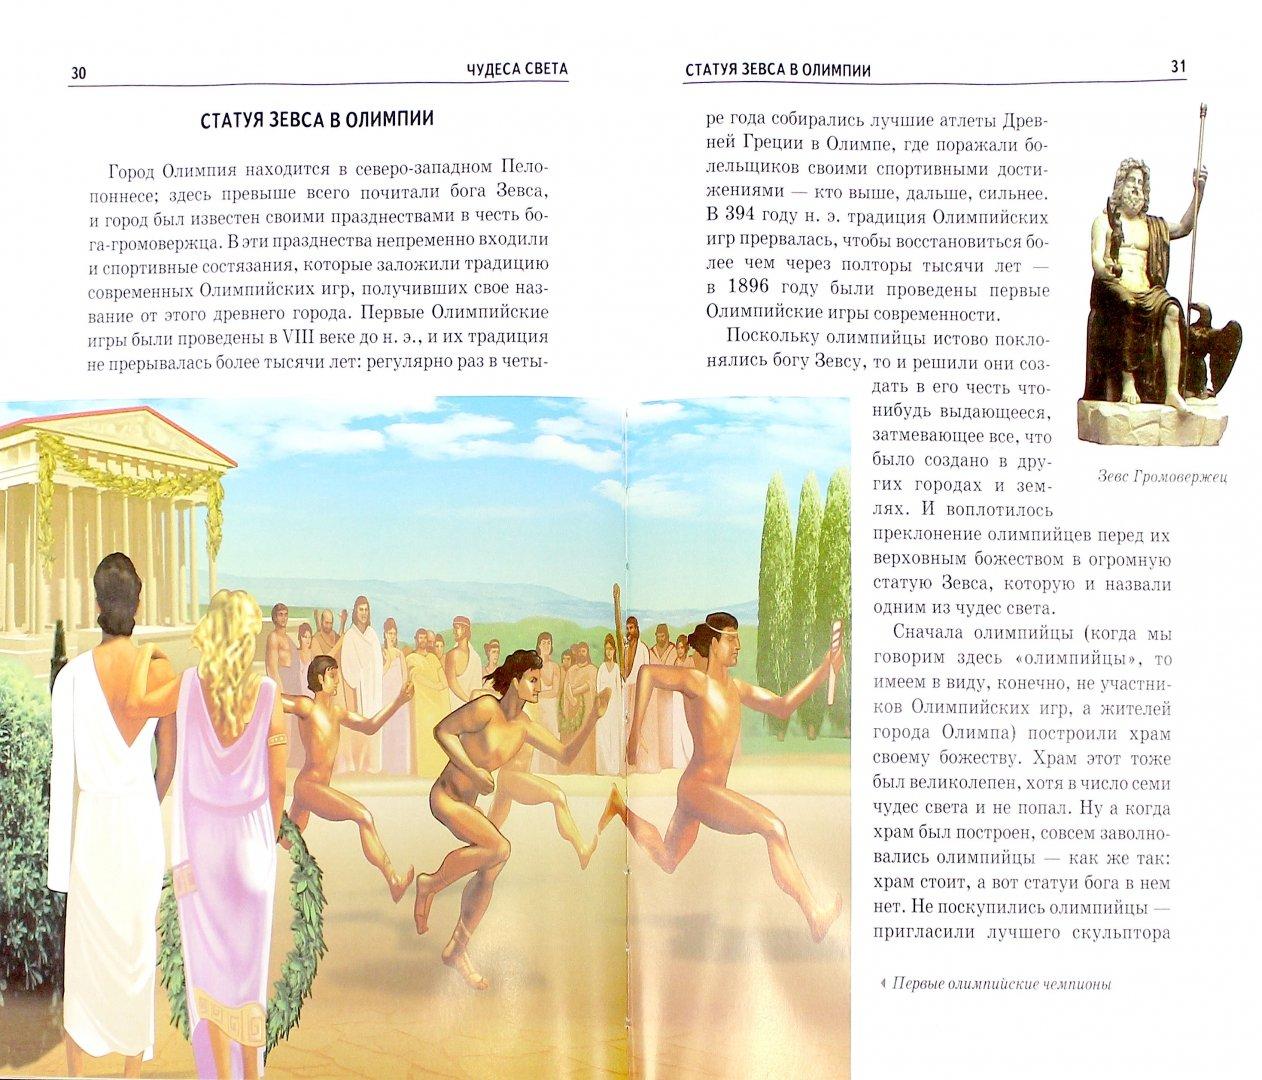 Иллюстрация 1 из 14 для Чудеса света - Григорий Крылов | Лабиринт - книги. Источник: Лабиринт